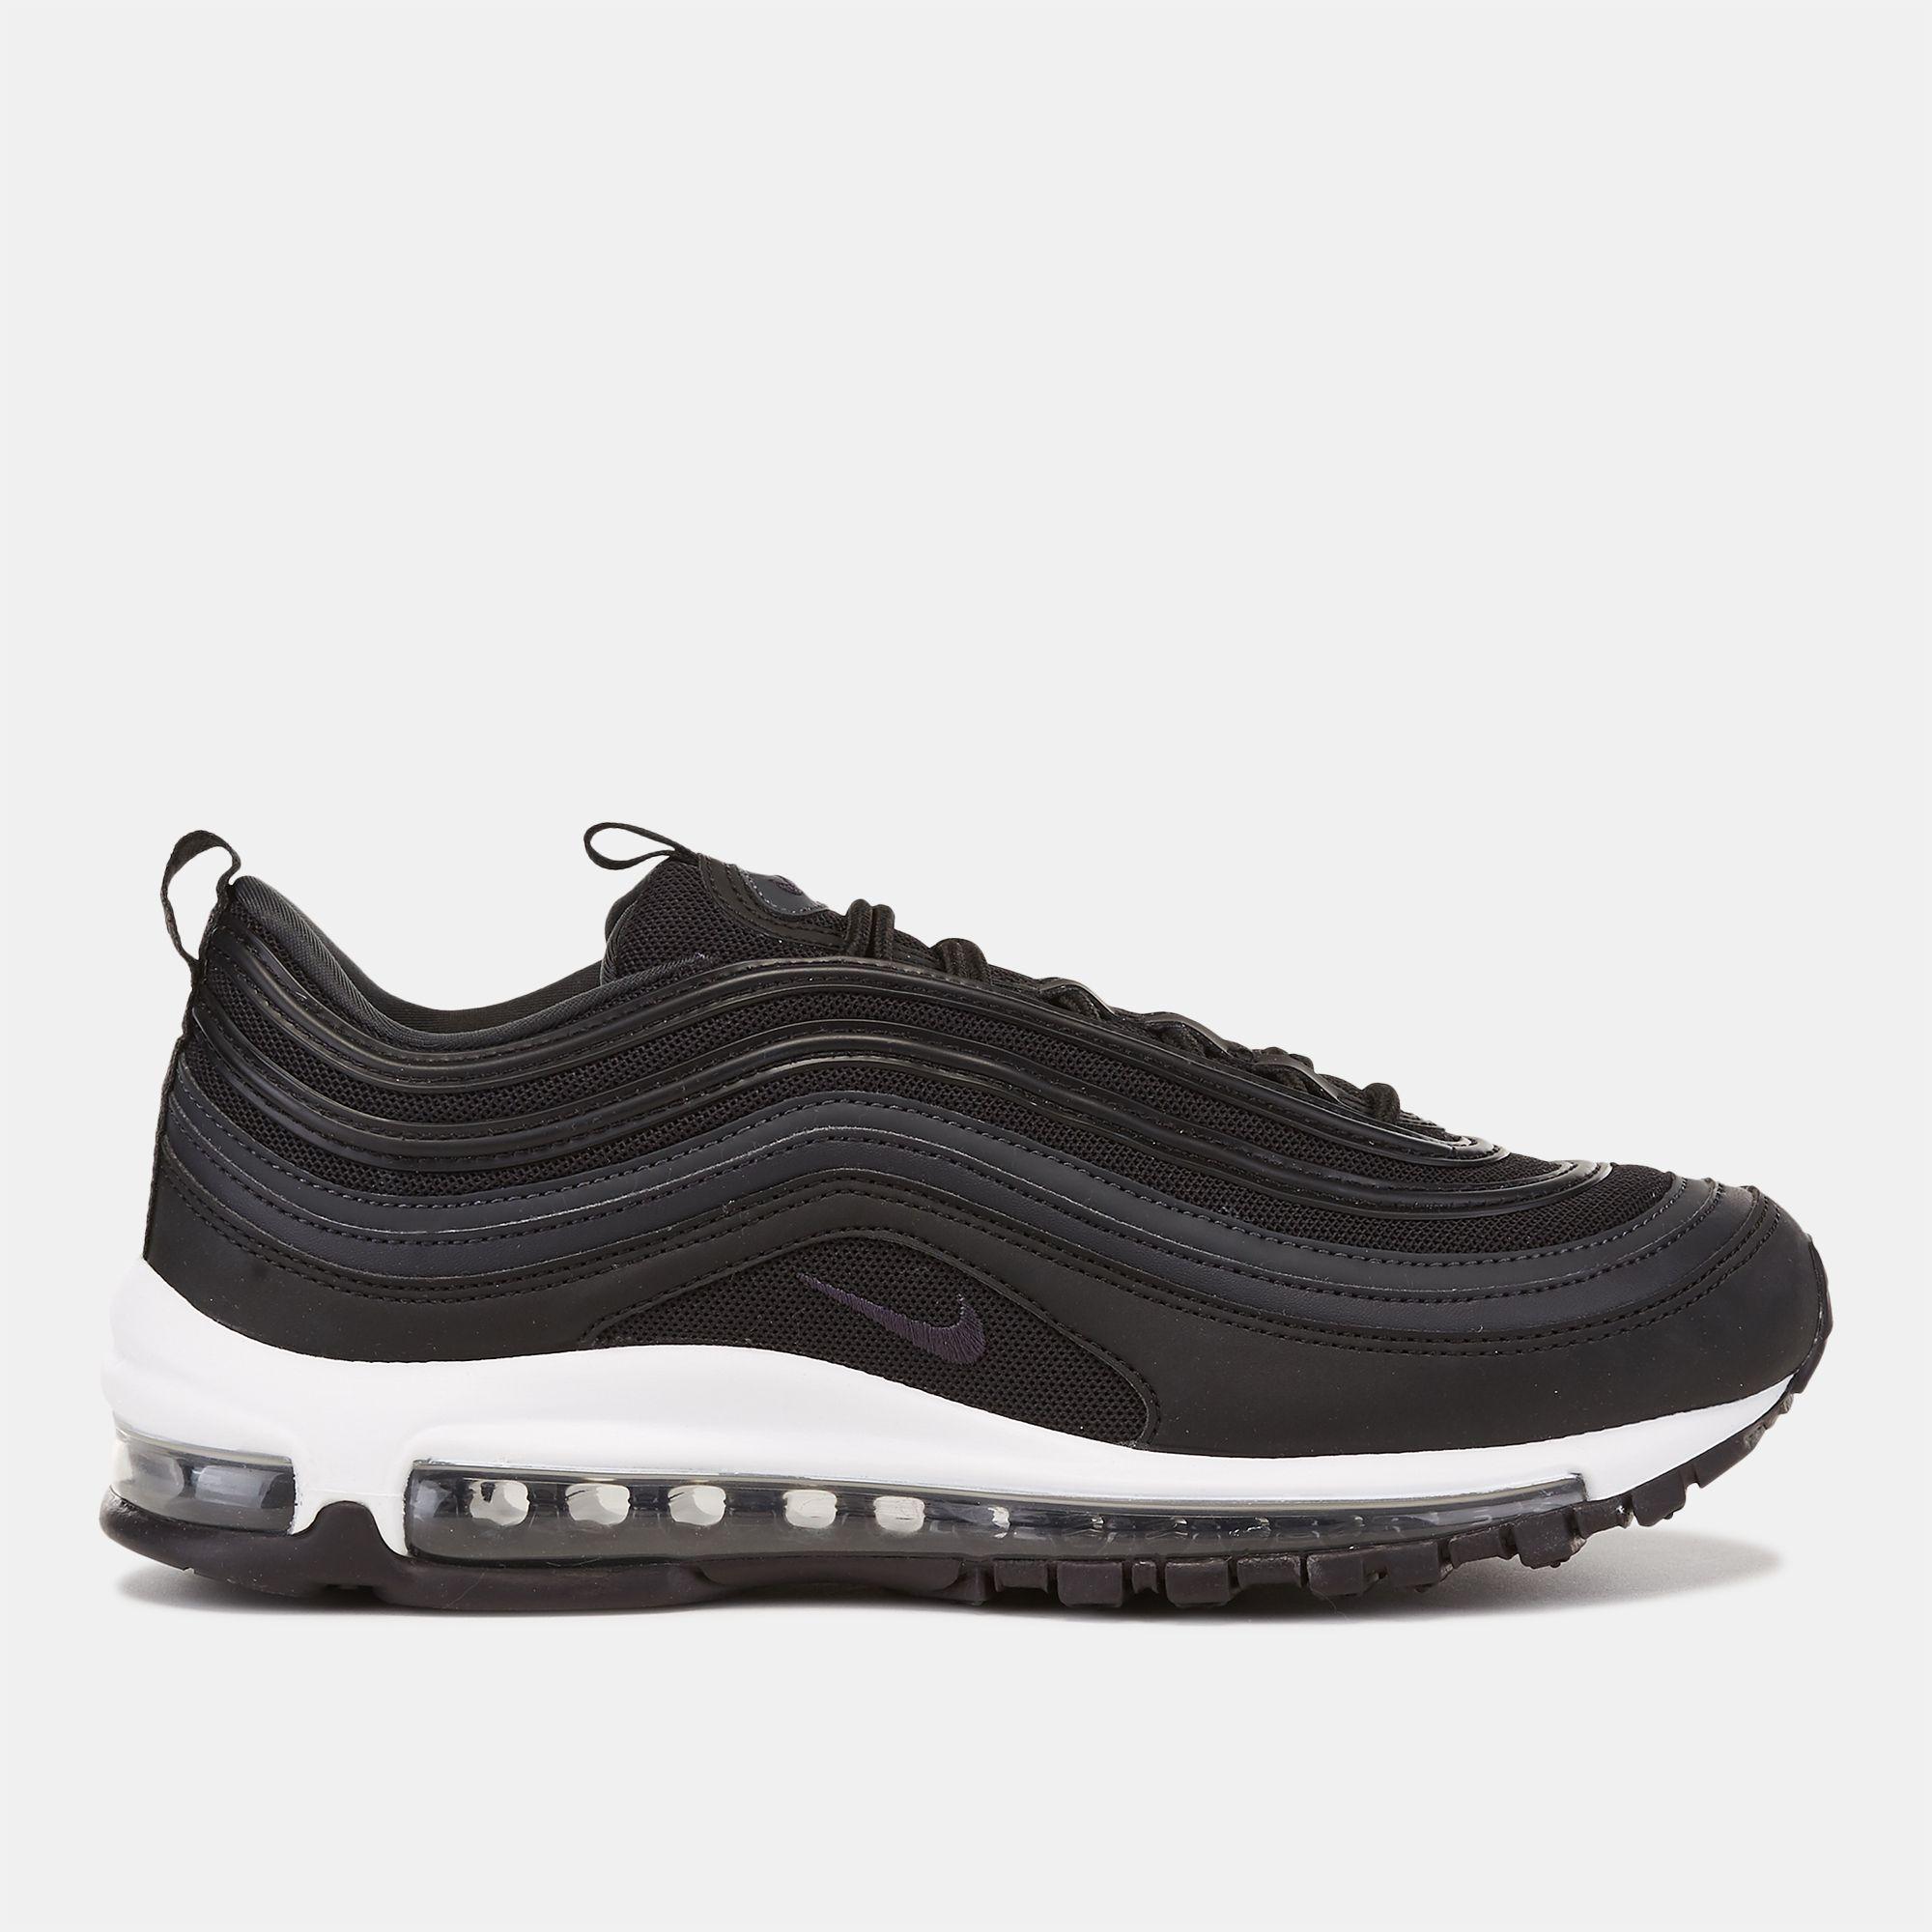 036c092d28b Shop Nike Air Max 97 Shoe Nike921733 011